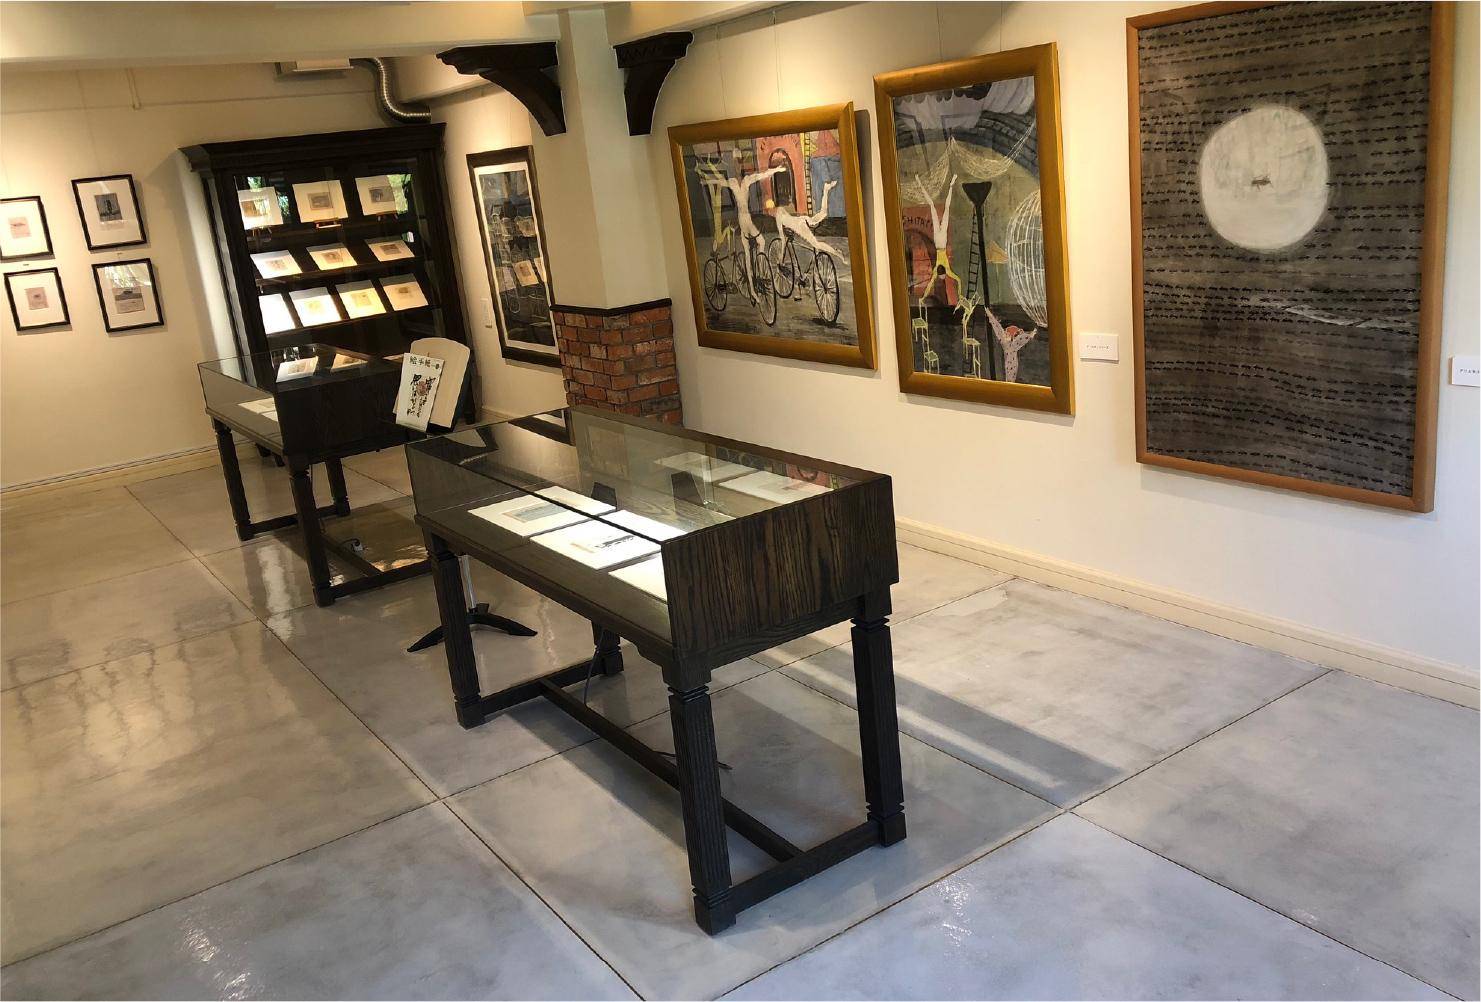 2階の小フロアでは、2人の画家による37点の原画を展示している